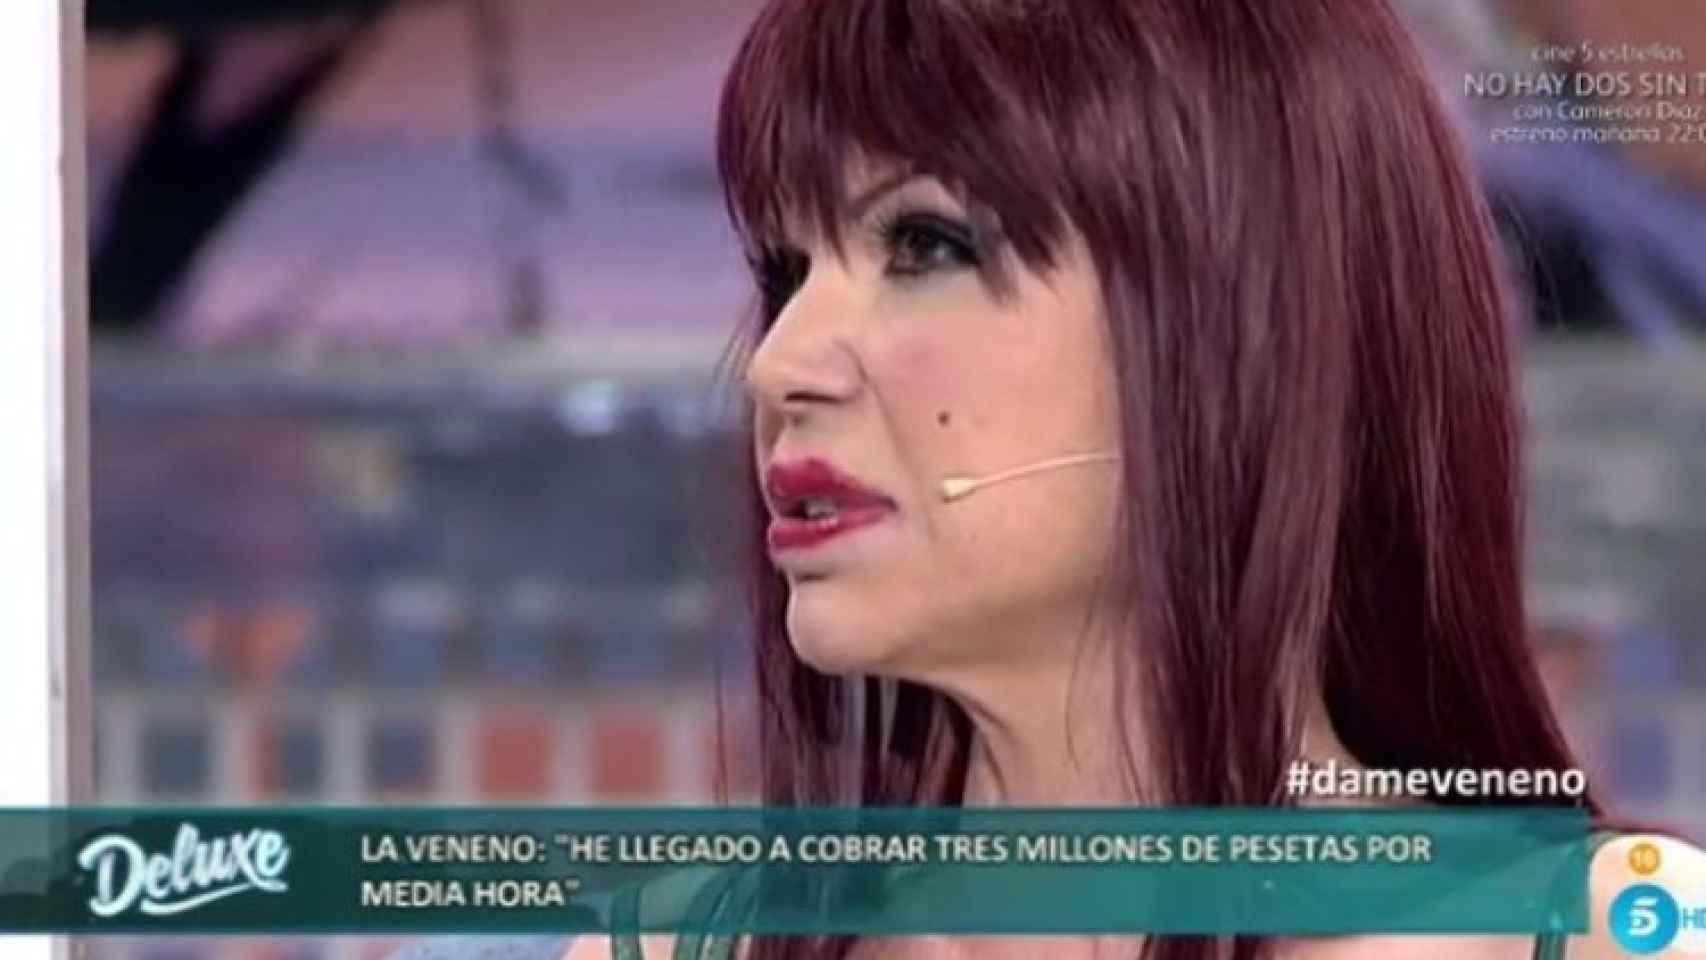 Cristina Ortiz, La Veneno